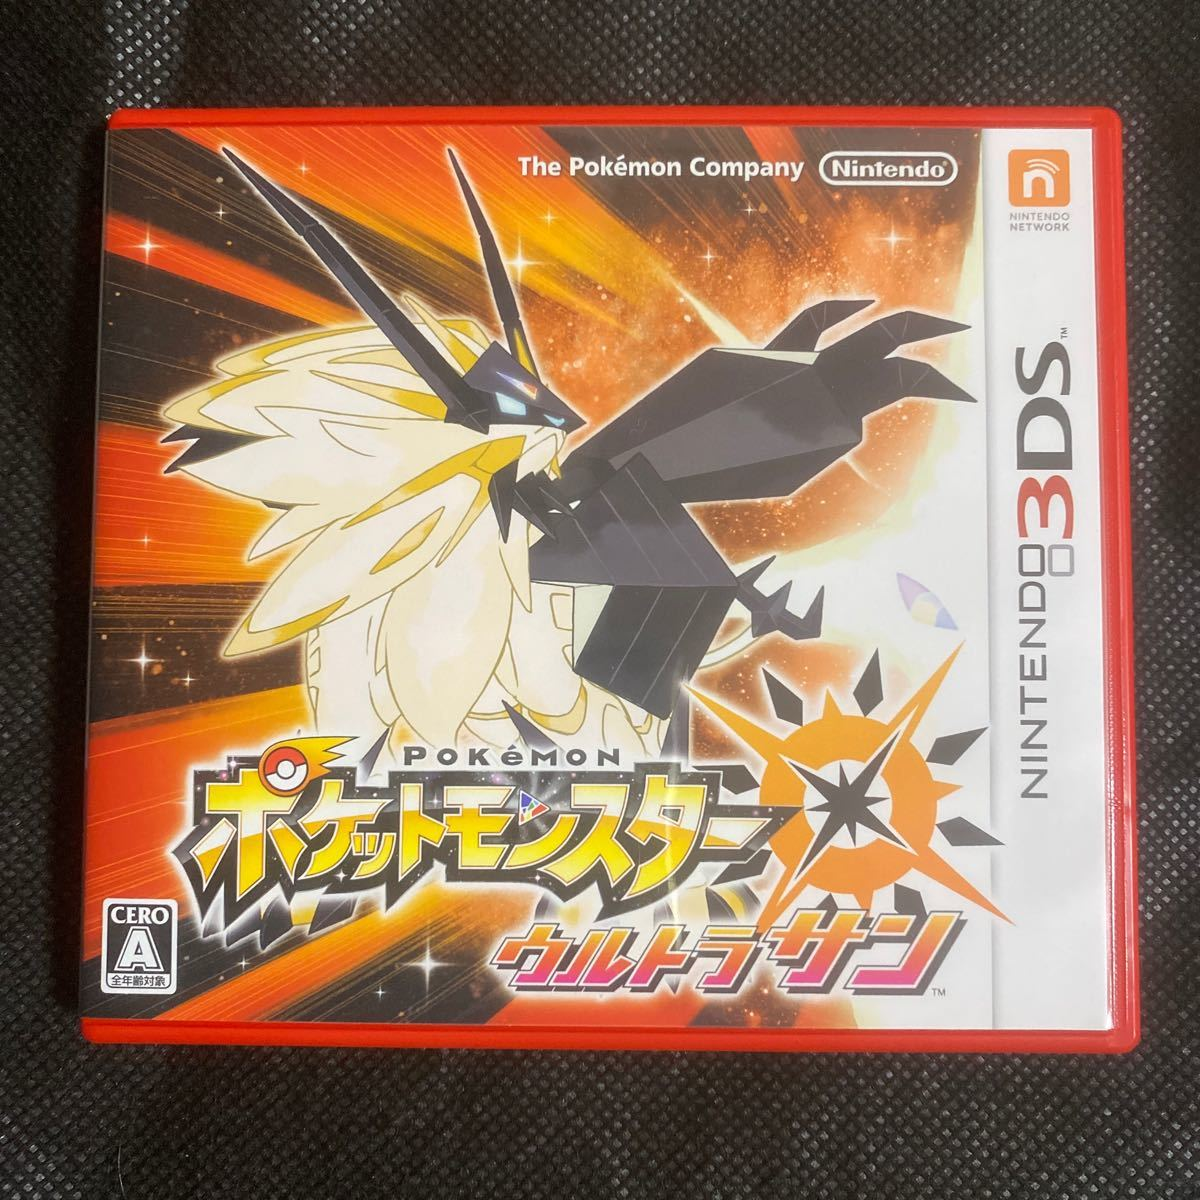 ポケットモンスター ウルトラサン ポケモン 3DS ソフト DS 任天堂 ニンテンドー ポケモン